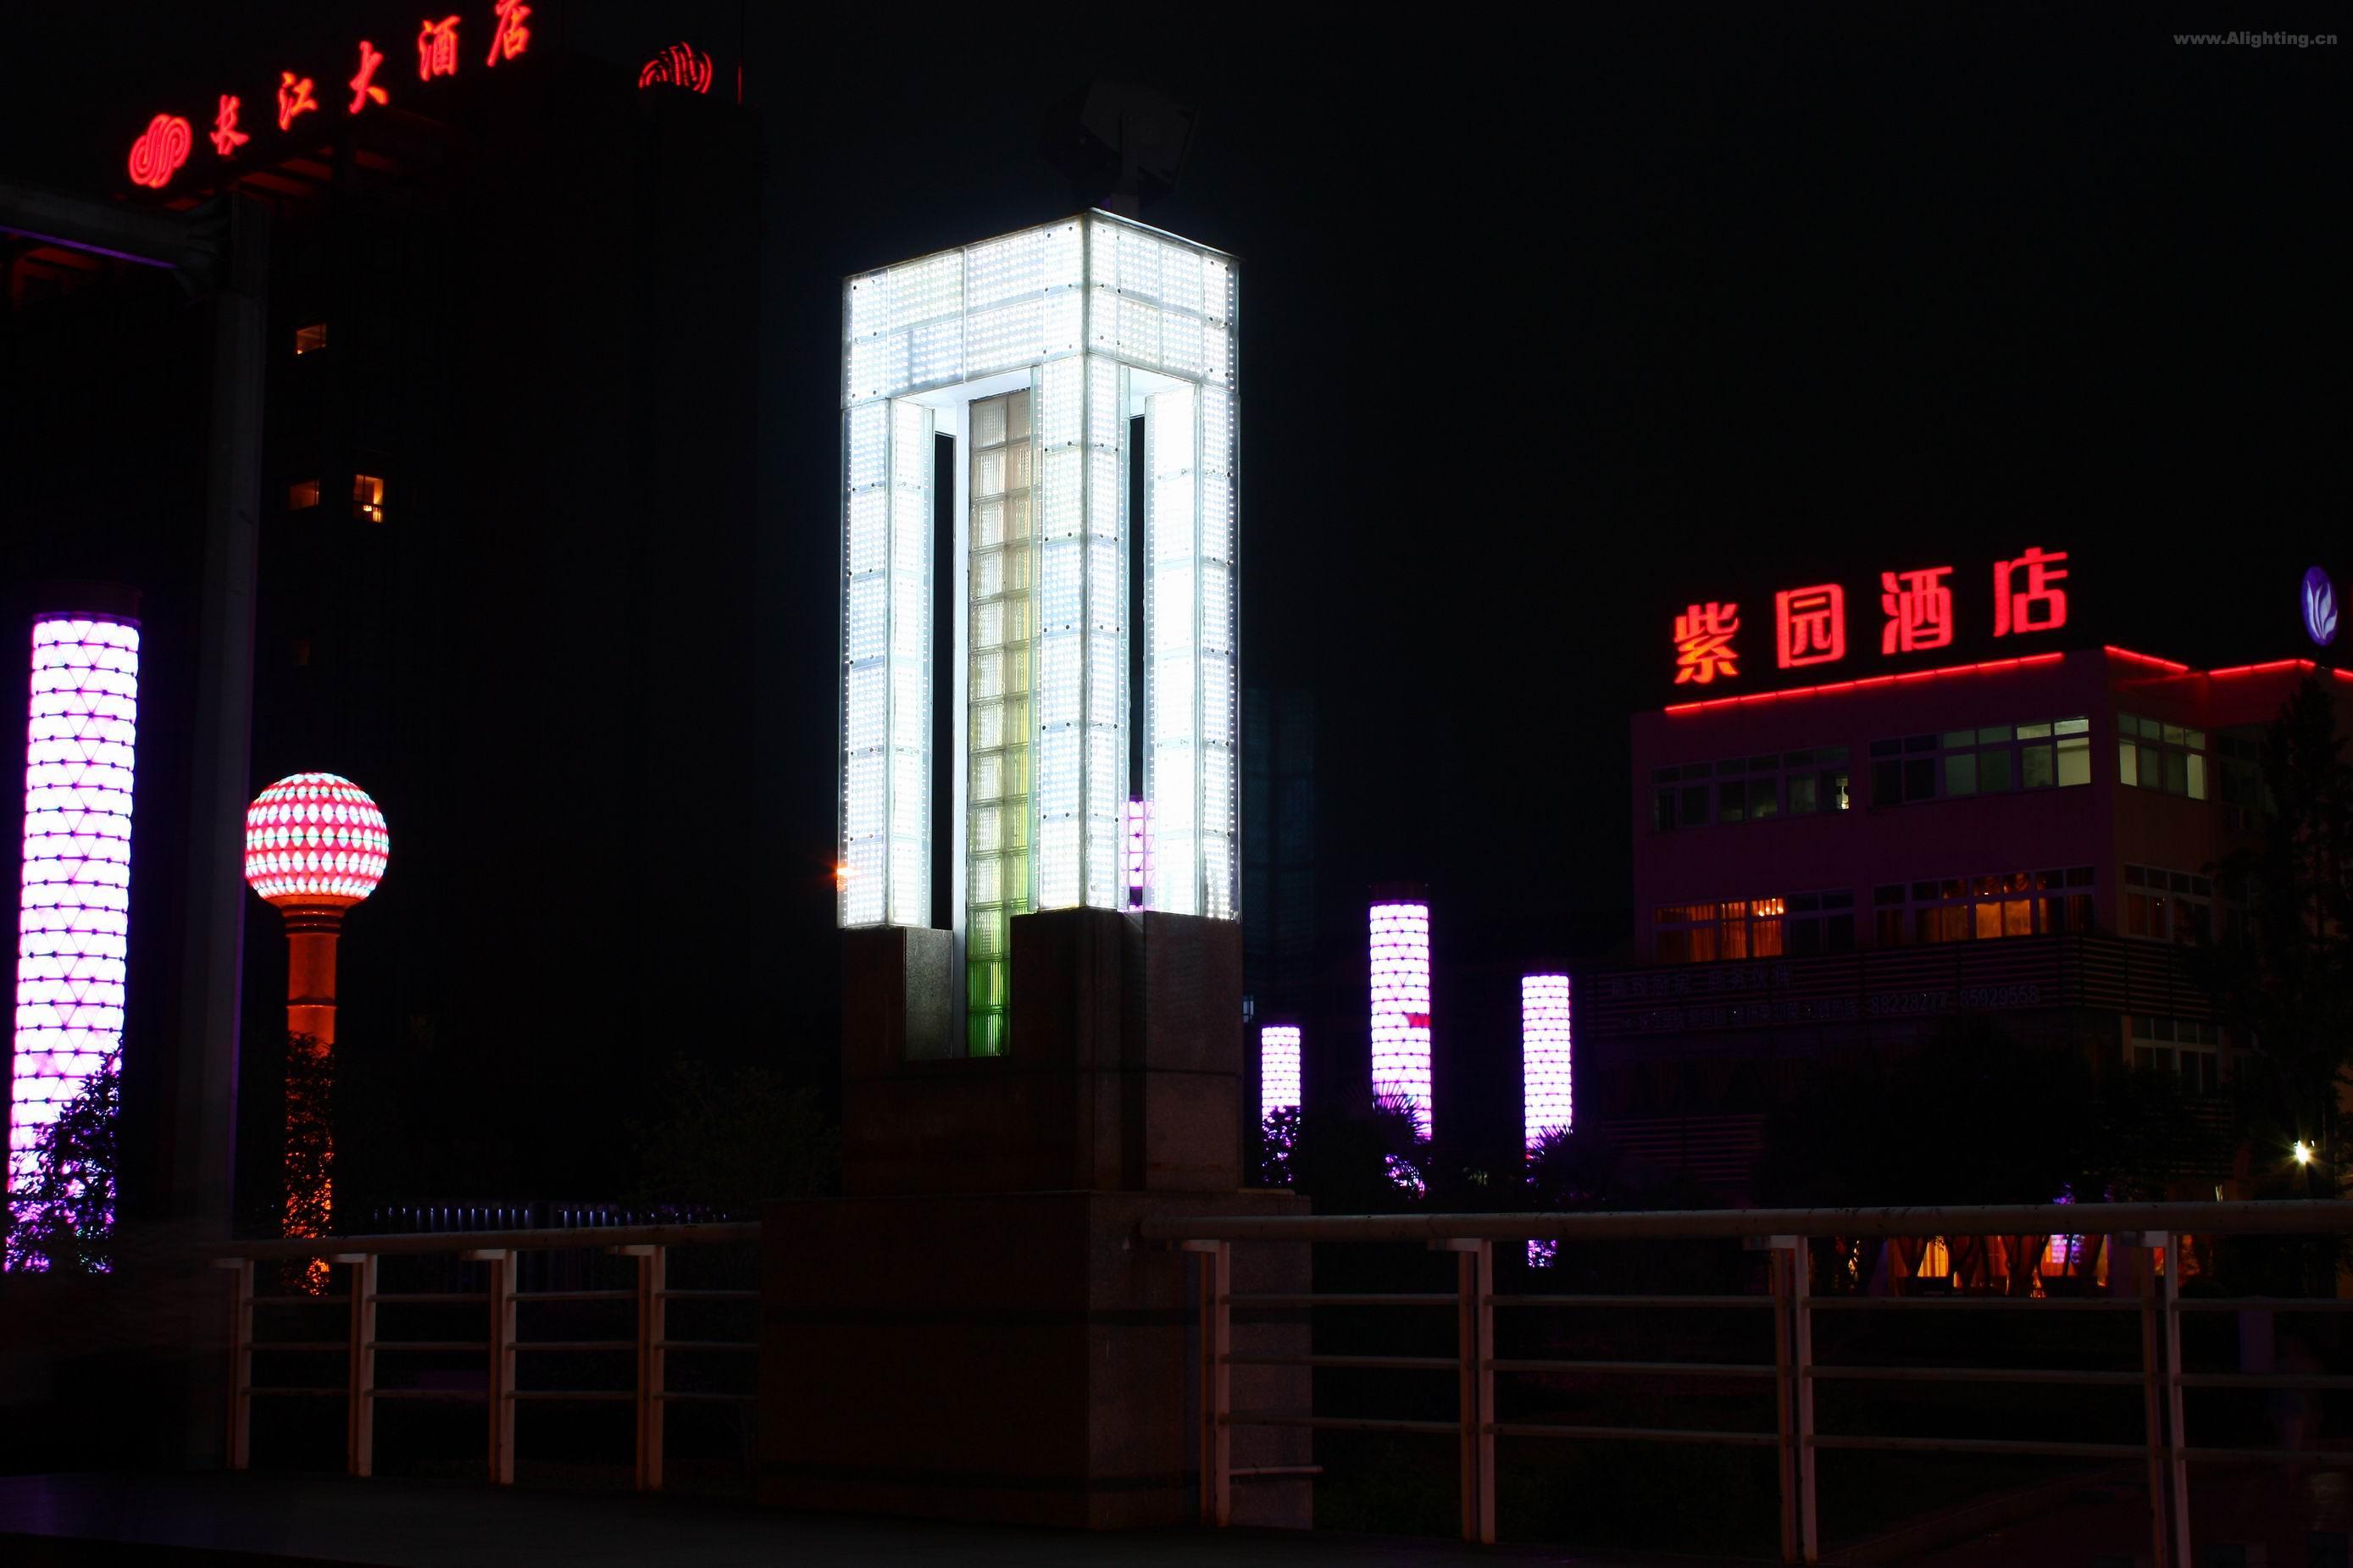 中电发展大厦夜景